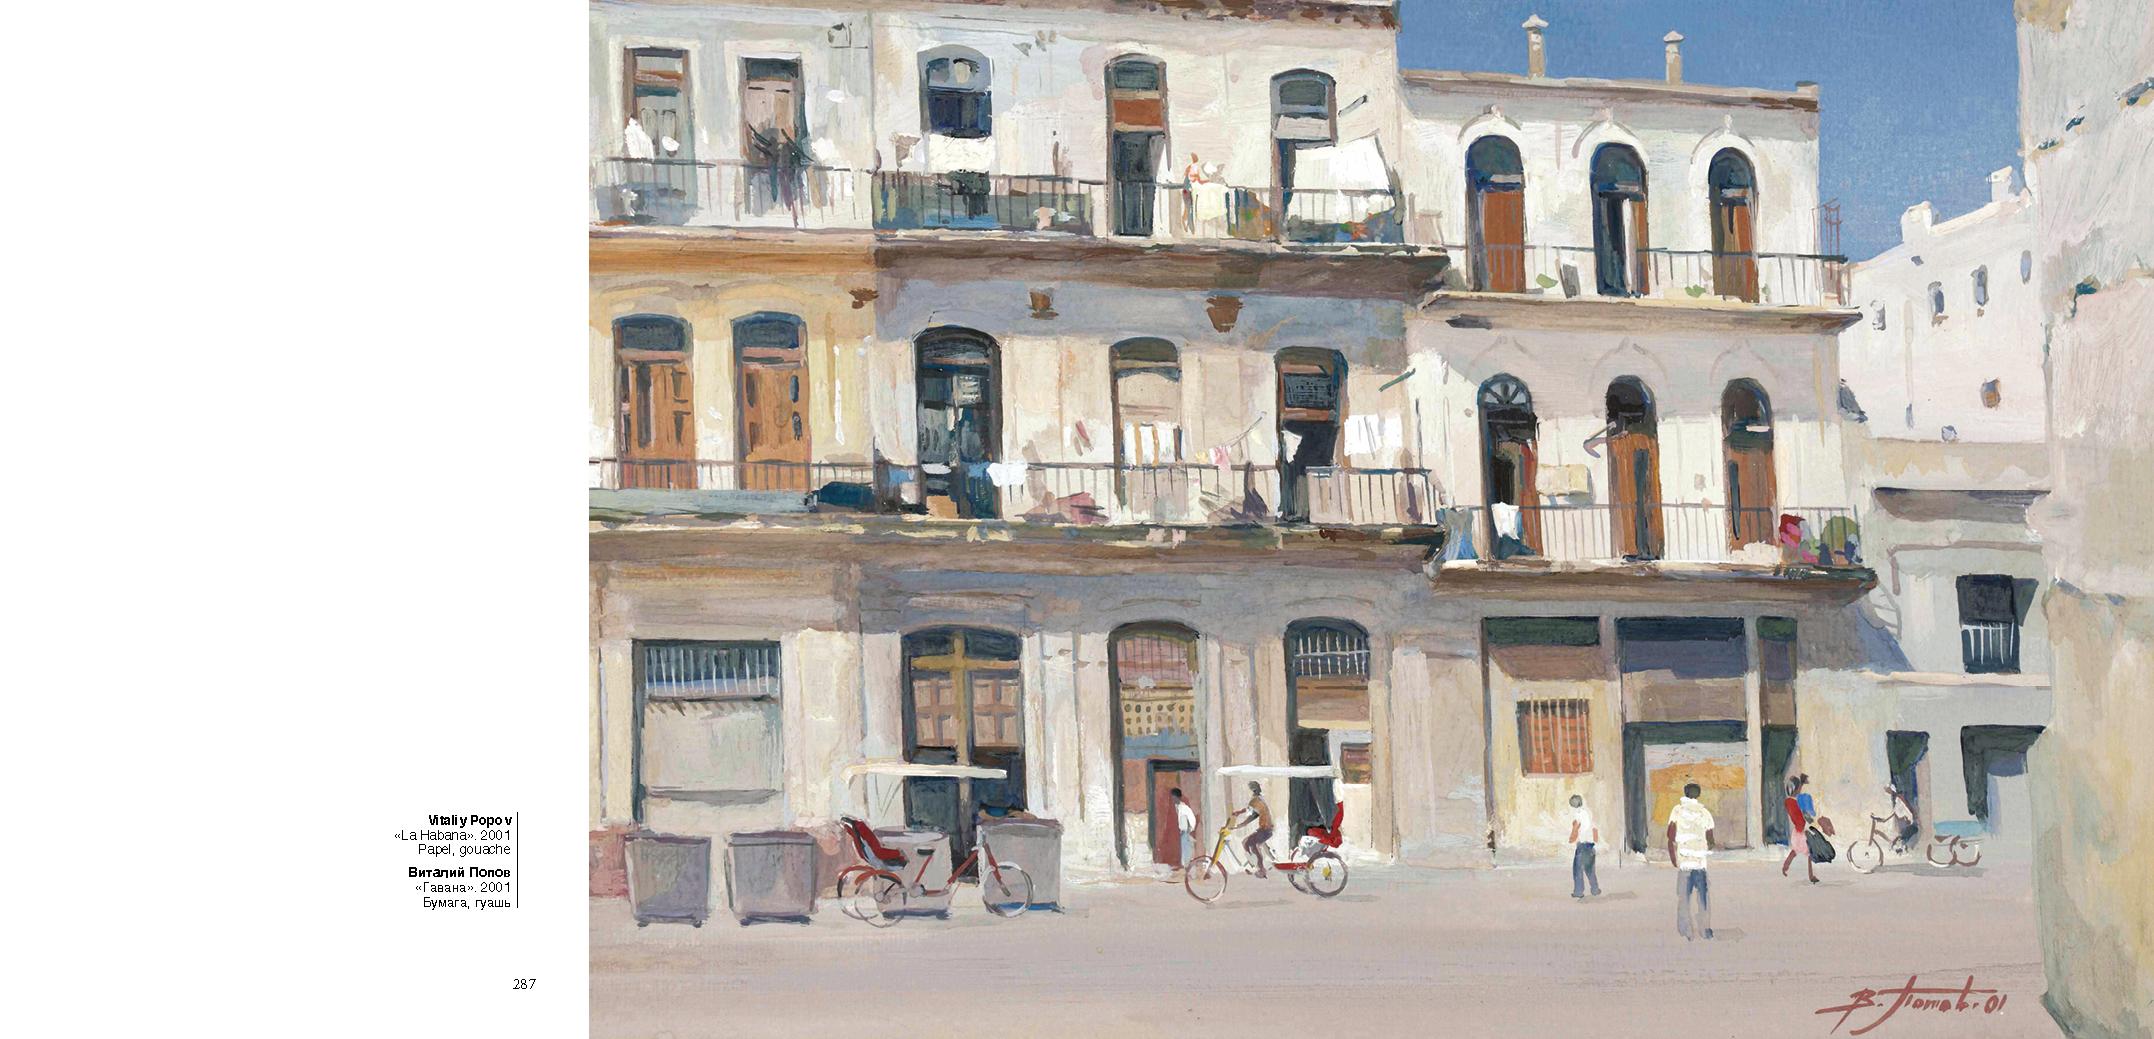 Cuba_144